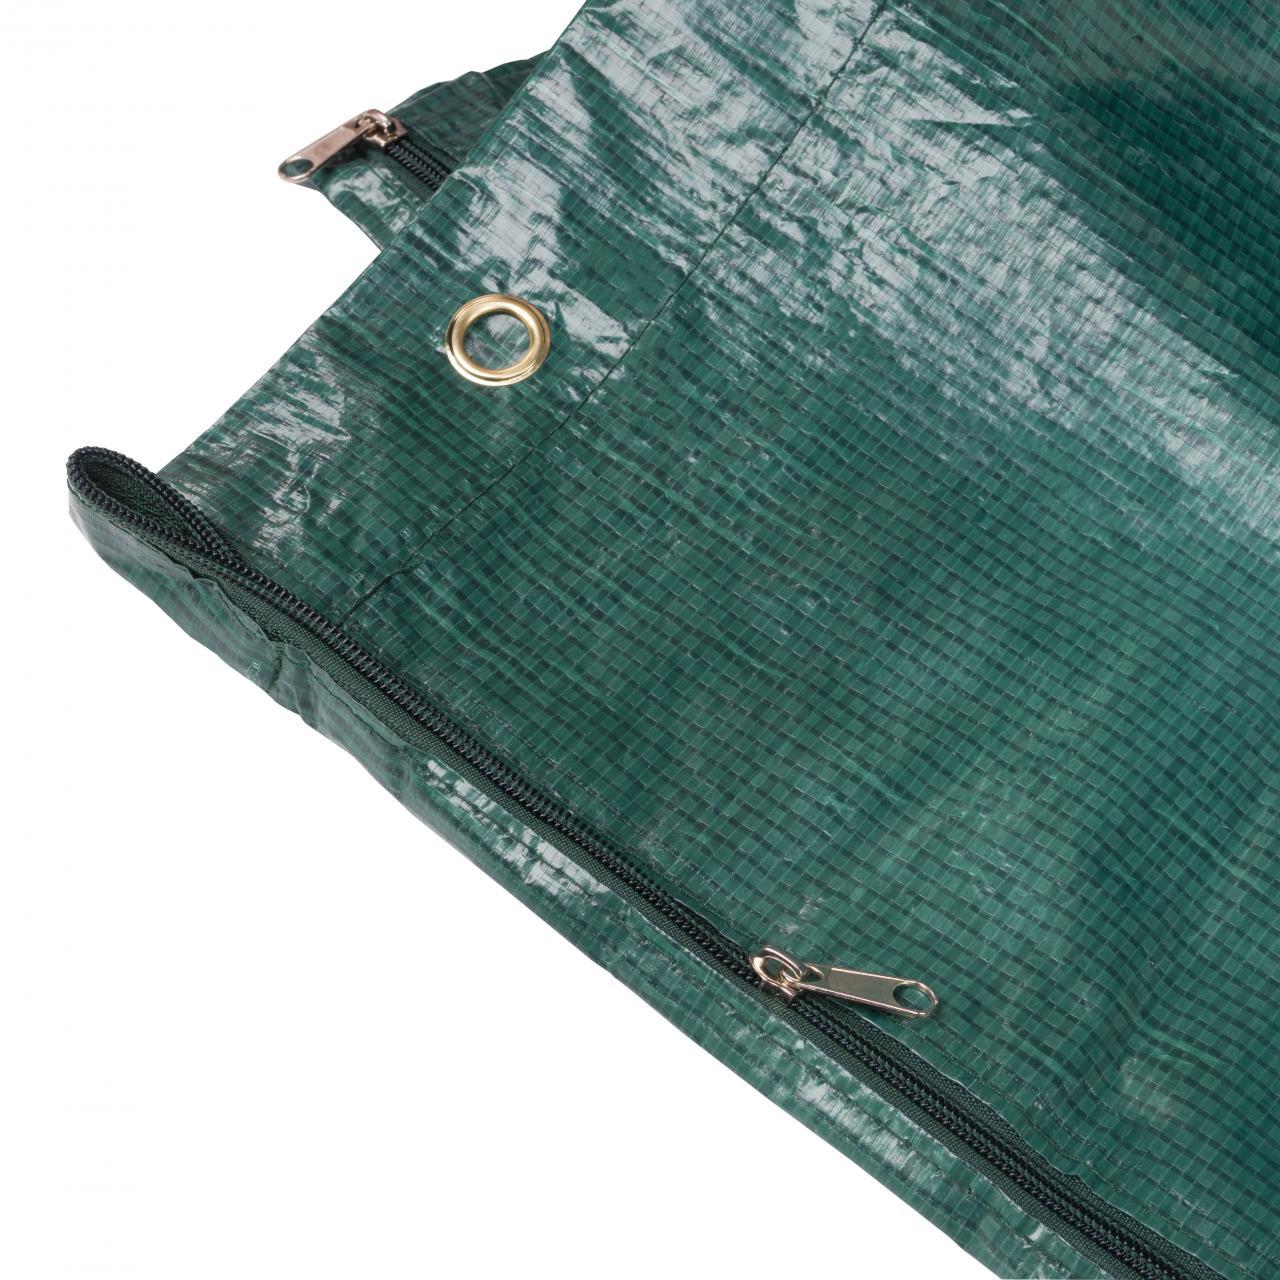 schutzh lle f r strandkorb regenabdeckung abdeckhaube abdeckplane regenschutz ebay. Black Bedroom Furniture Sets. Home Design Ideas